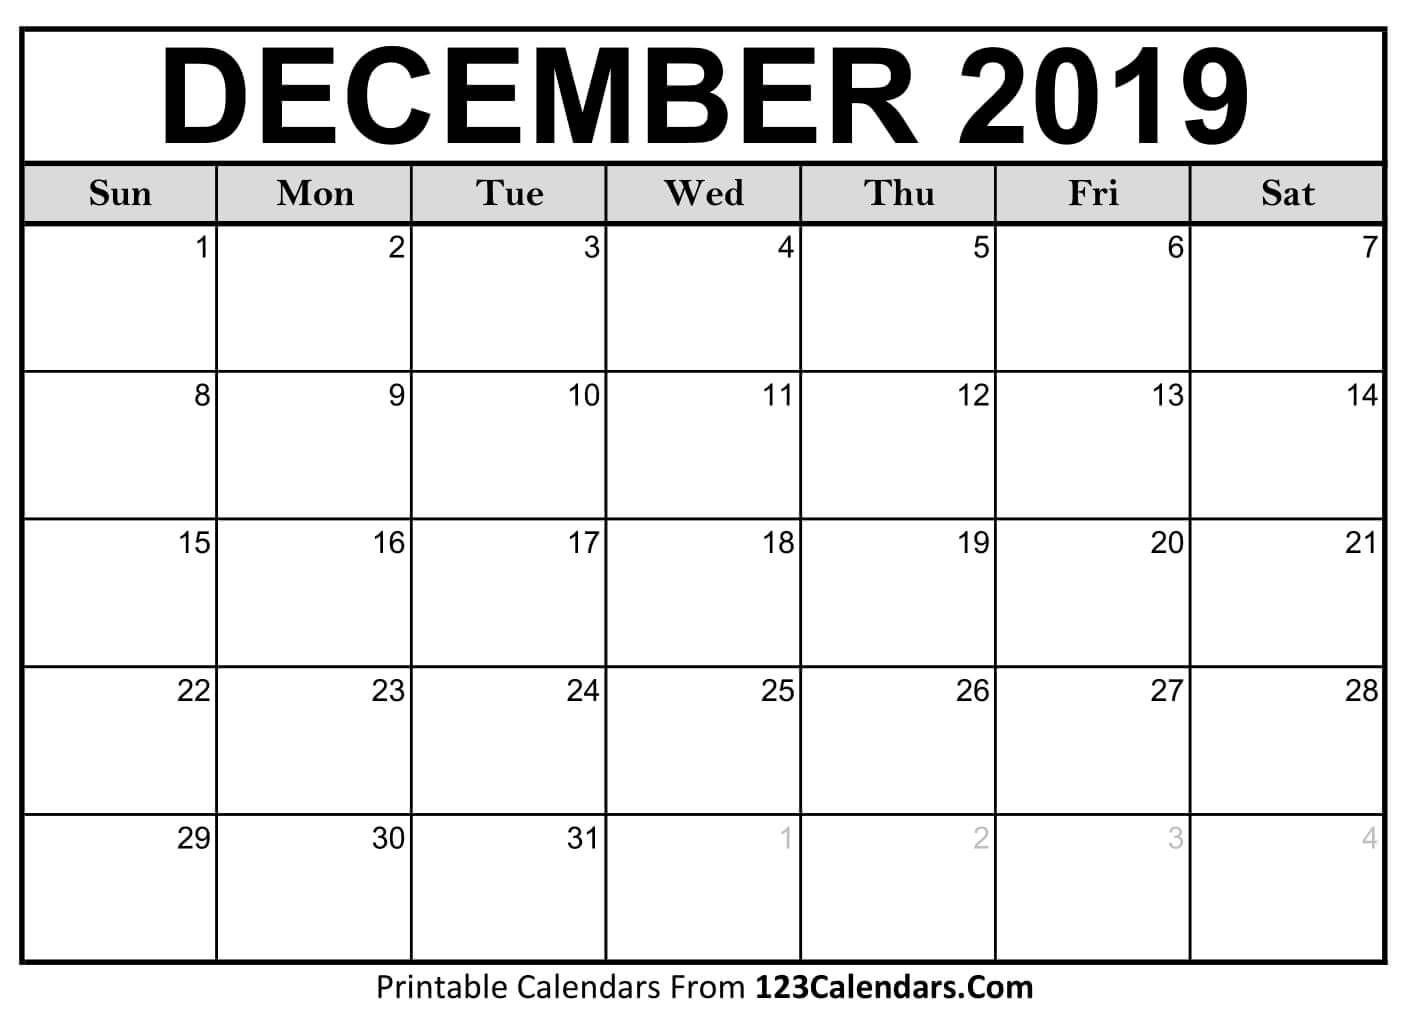 Catch December 2019 Calendar With Julian Dates Calendar